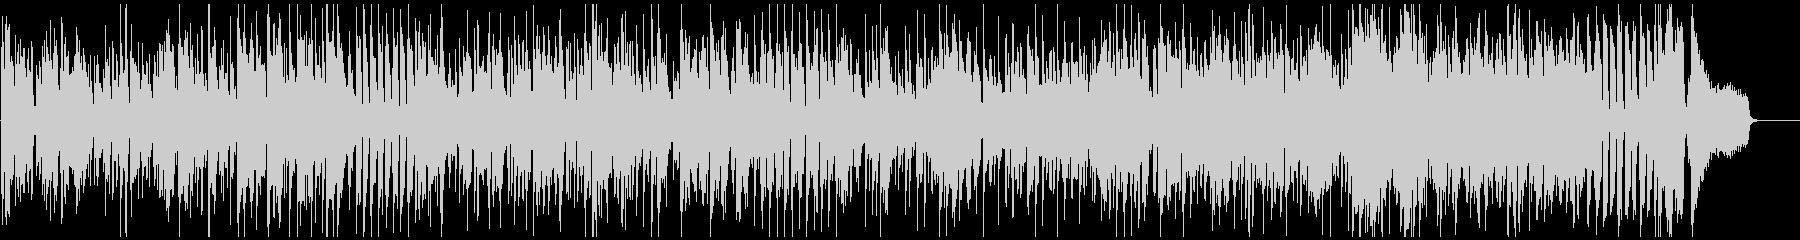 明るい爽快なジャズファンク、低音サックスの未再生の波形